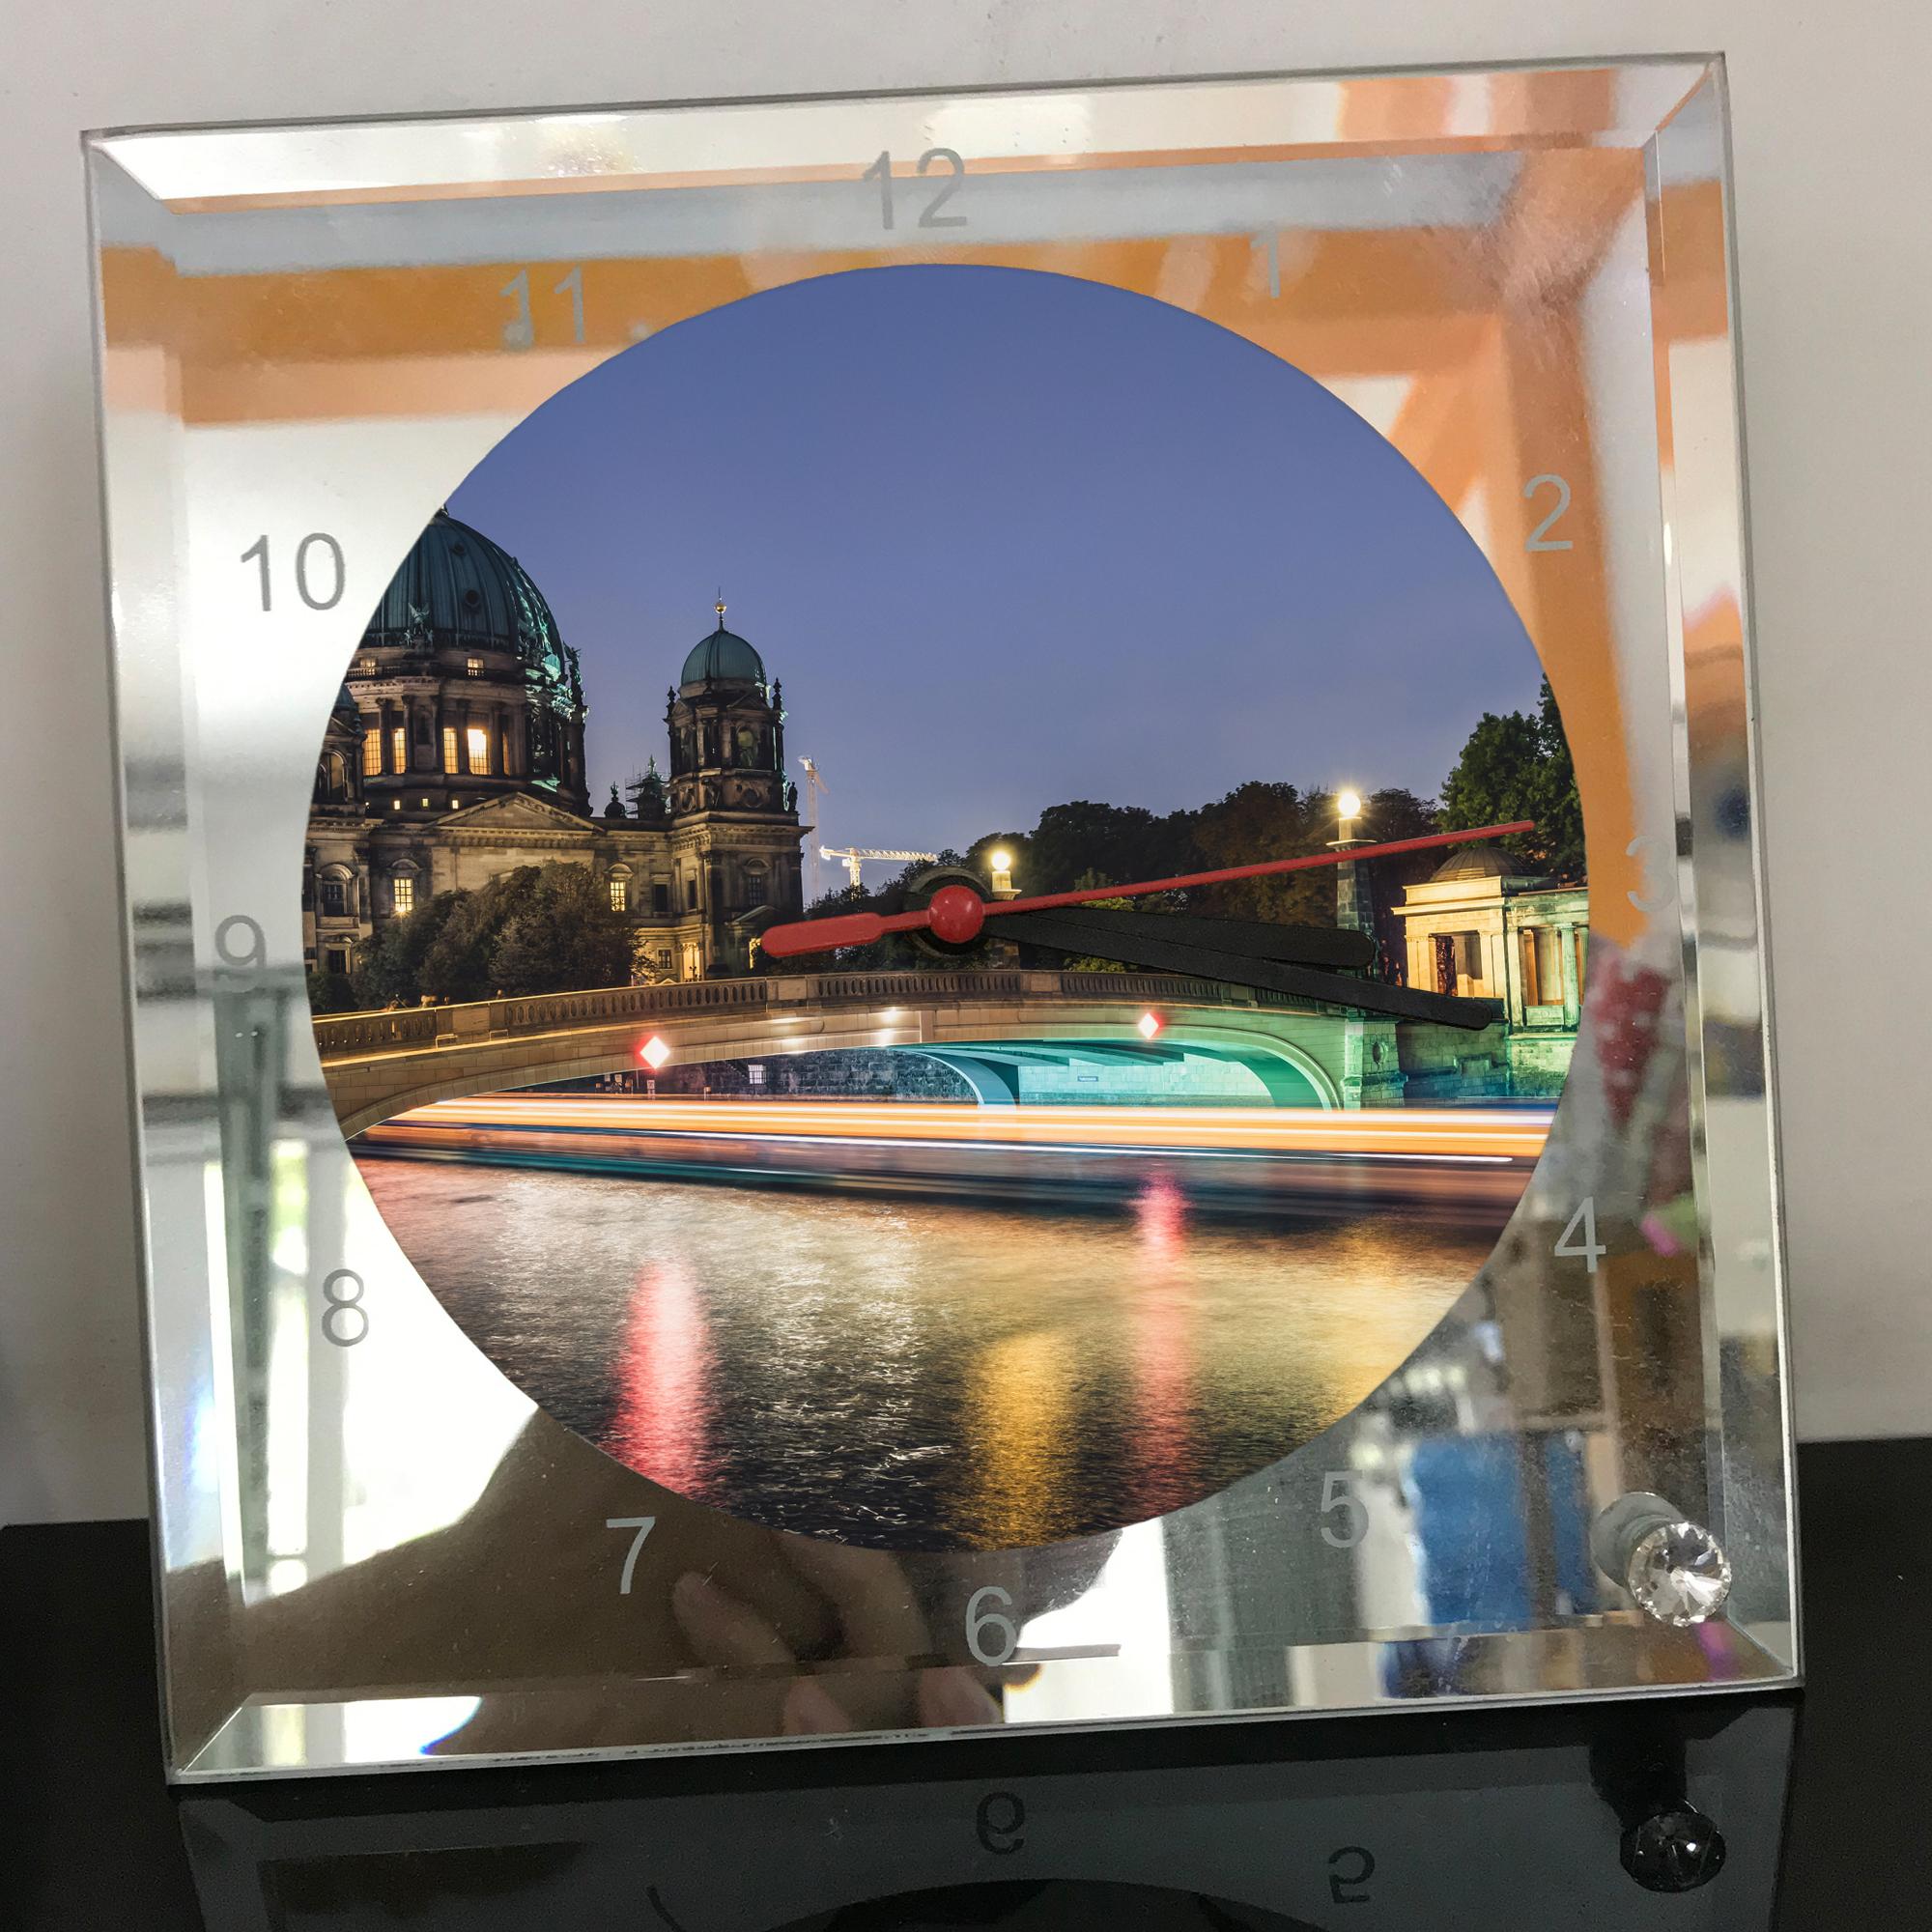 Đồng hồ thủy tinh vuông 20x20 in hình Berlin Cathedral - nhà thờ chính tòa Berlin (28) . Đồng hồ thủy tinh để bàn trang trí đẹp chủ đề tôn giáo